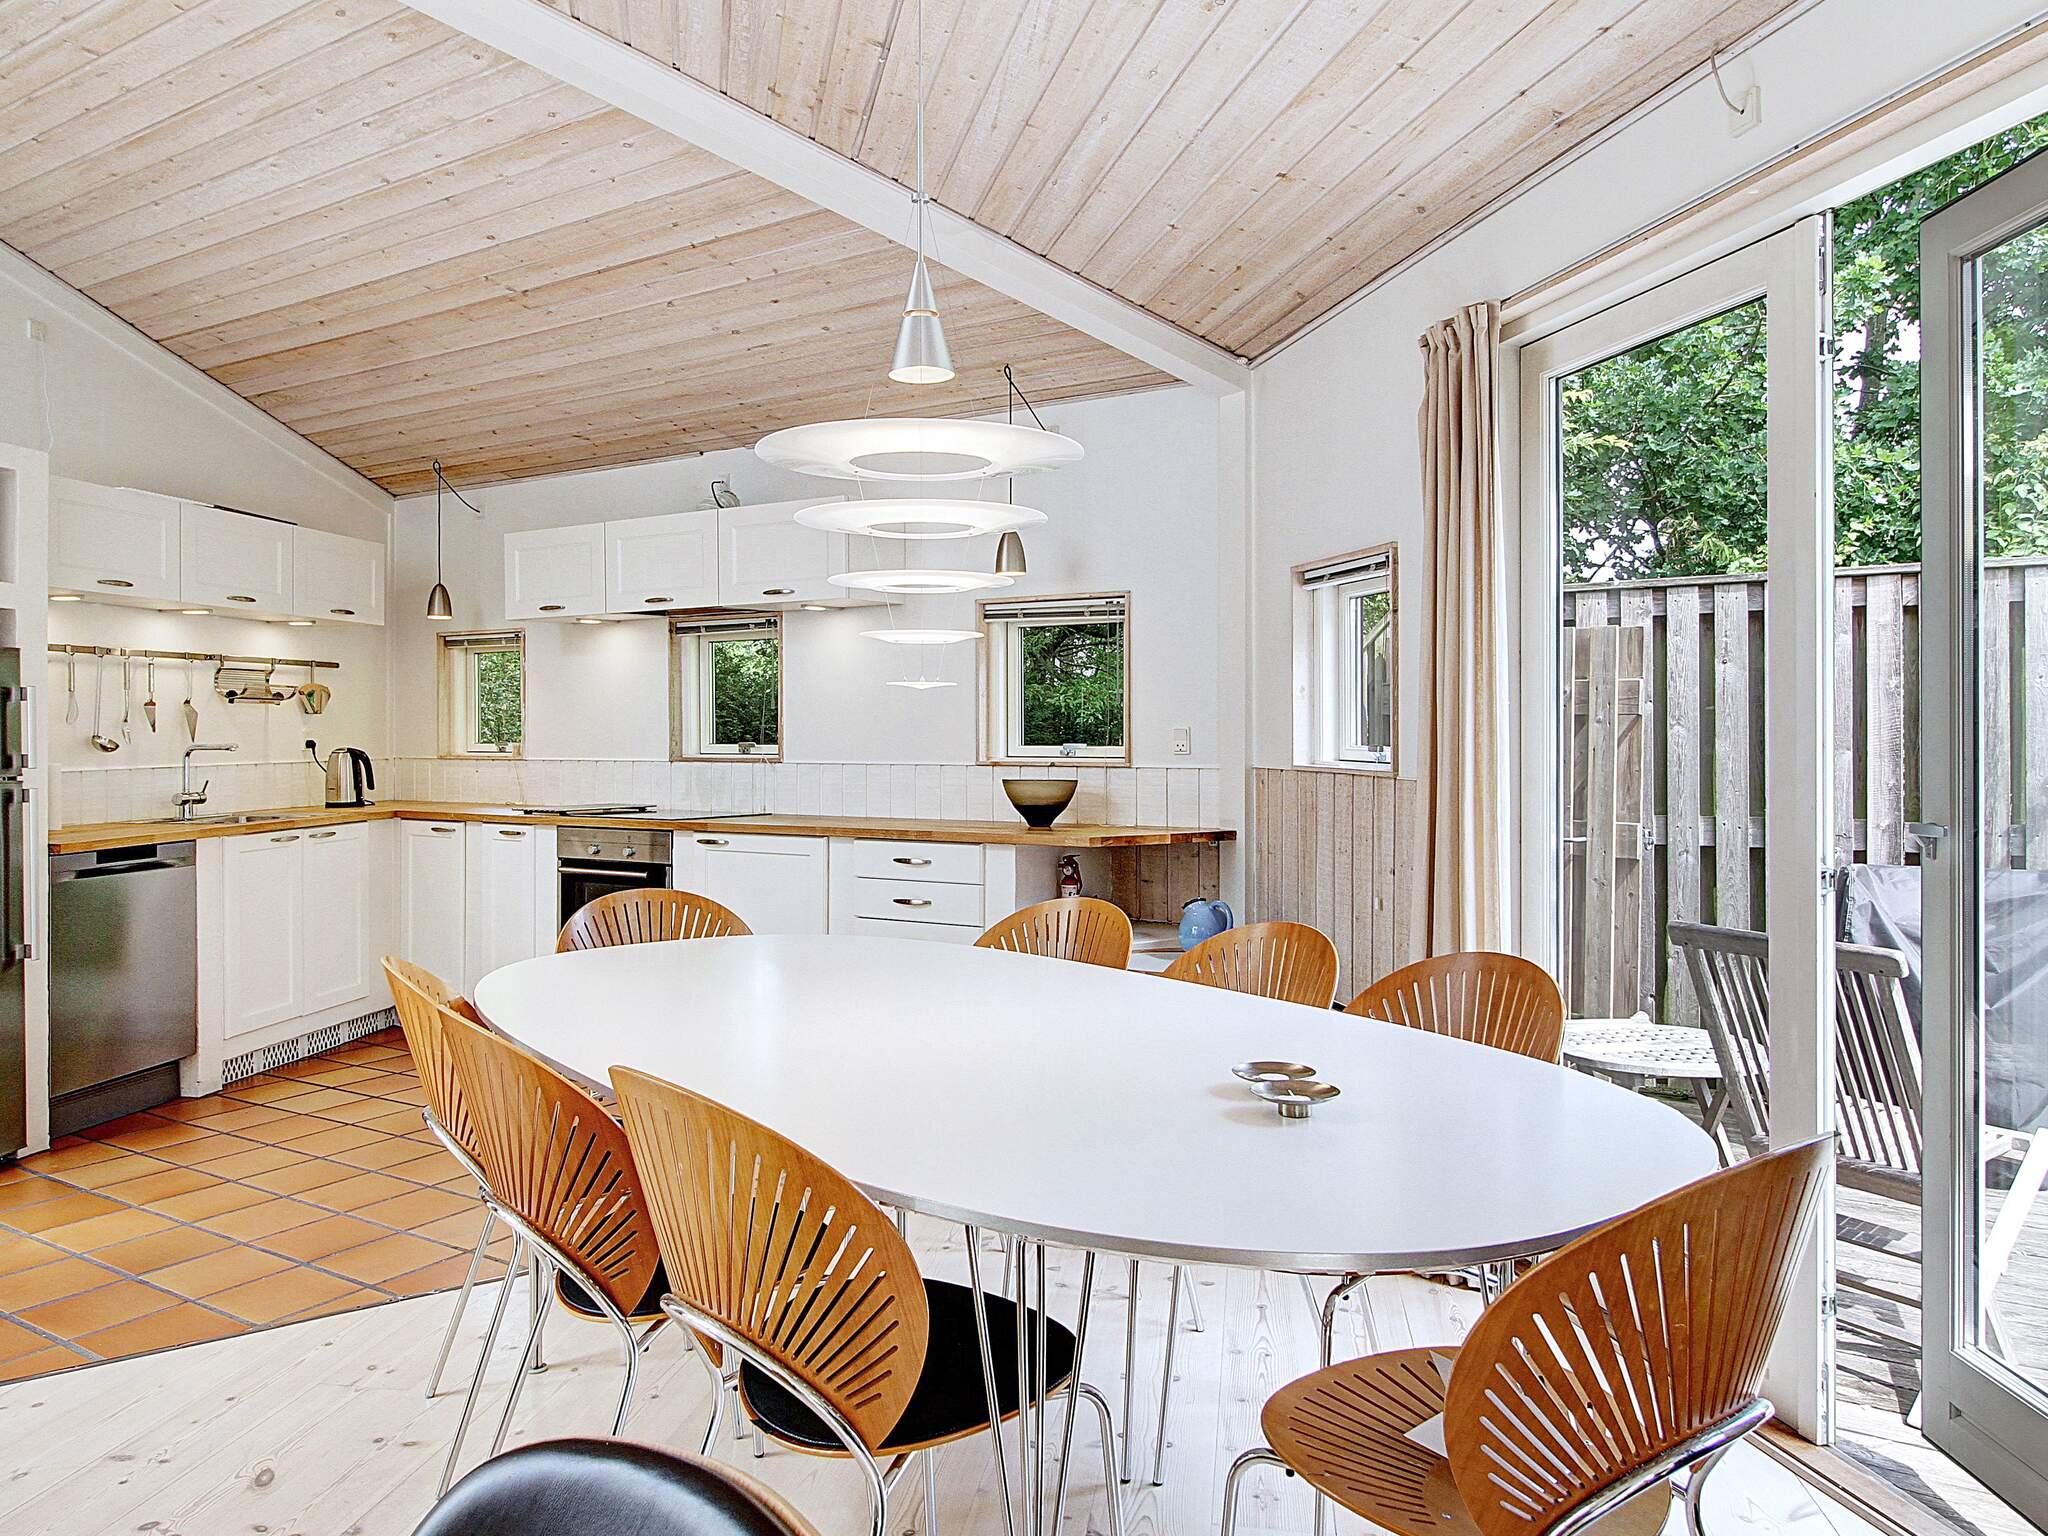 Ferienhaus Udsholt Strand (681684), Udsholt, , Nordseeland, Dänemark, Bild 6